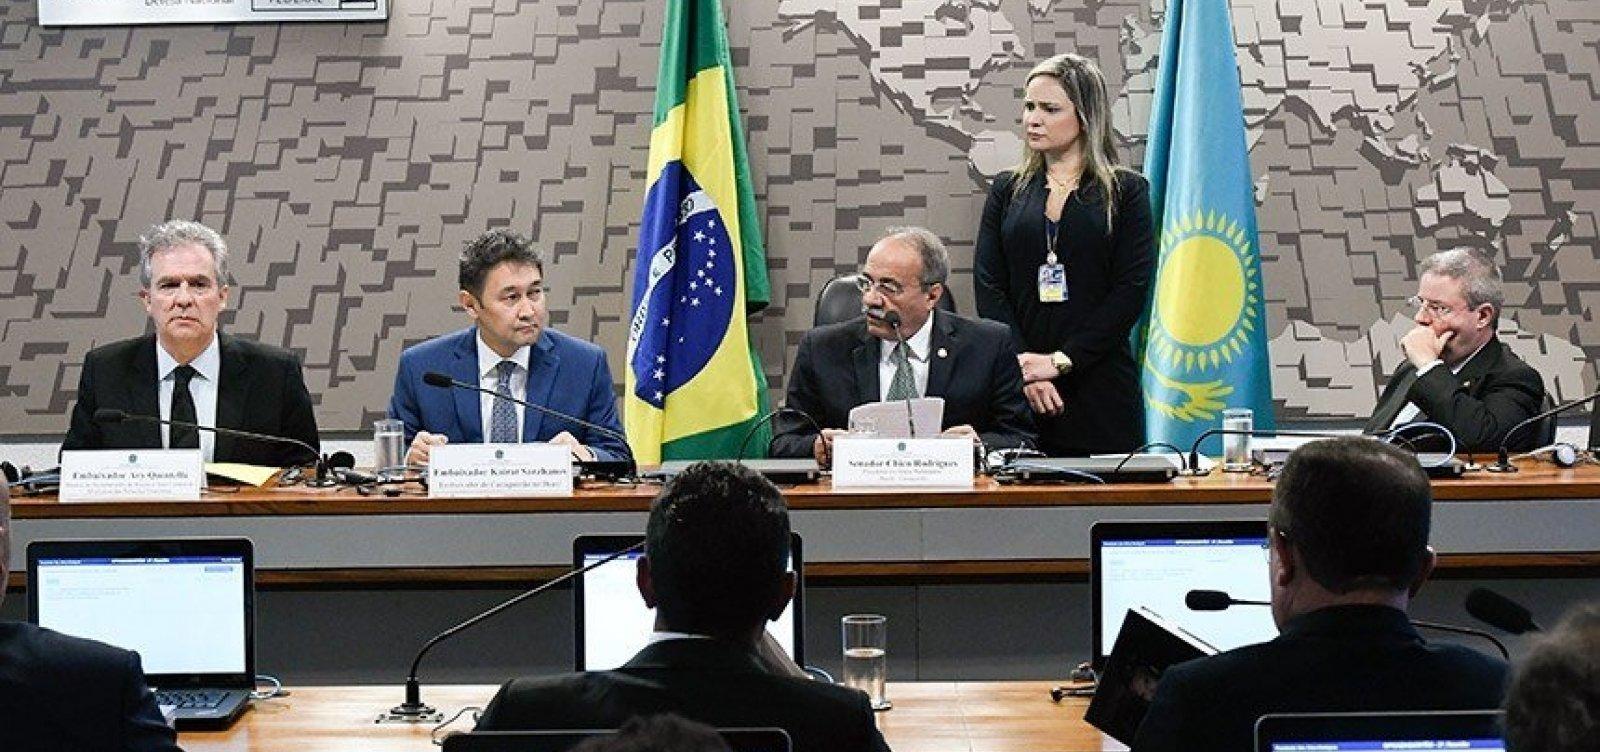 [Embaixador do Cazaquistão no Brasil diz que quer intensificar relações entre os dois países]